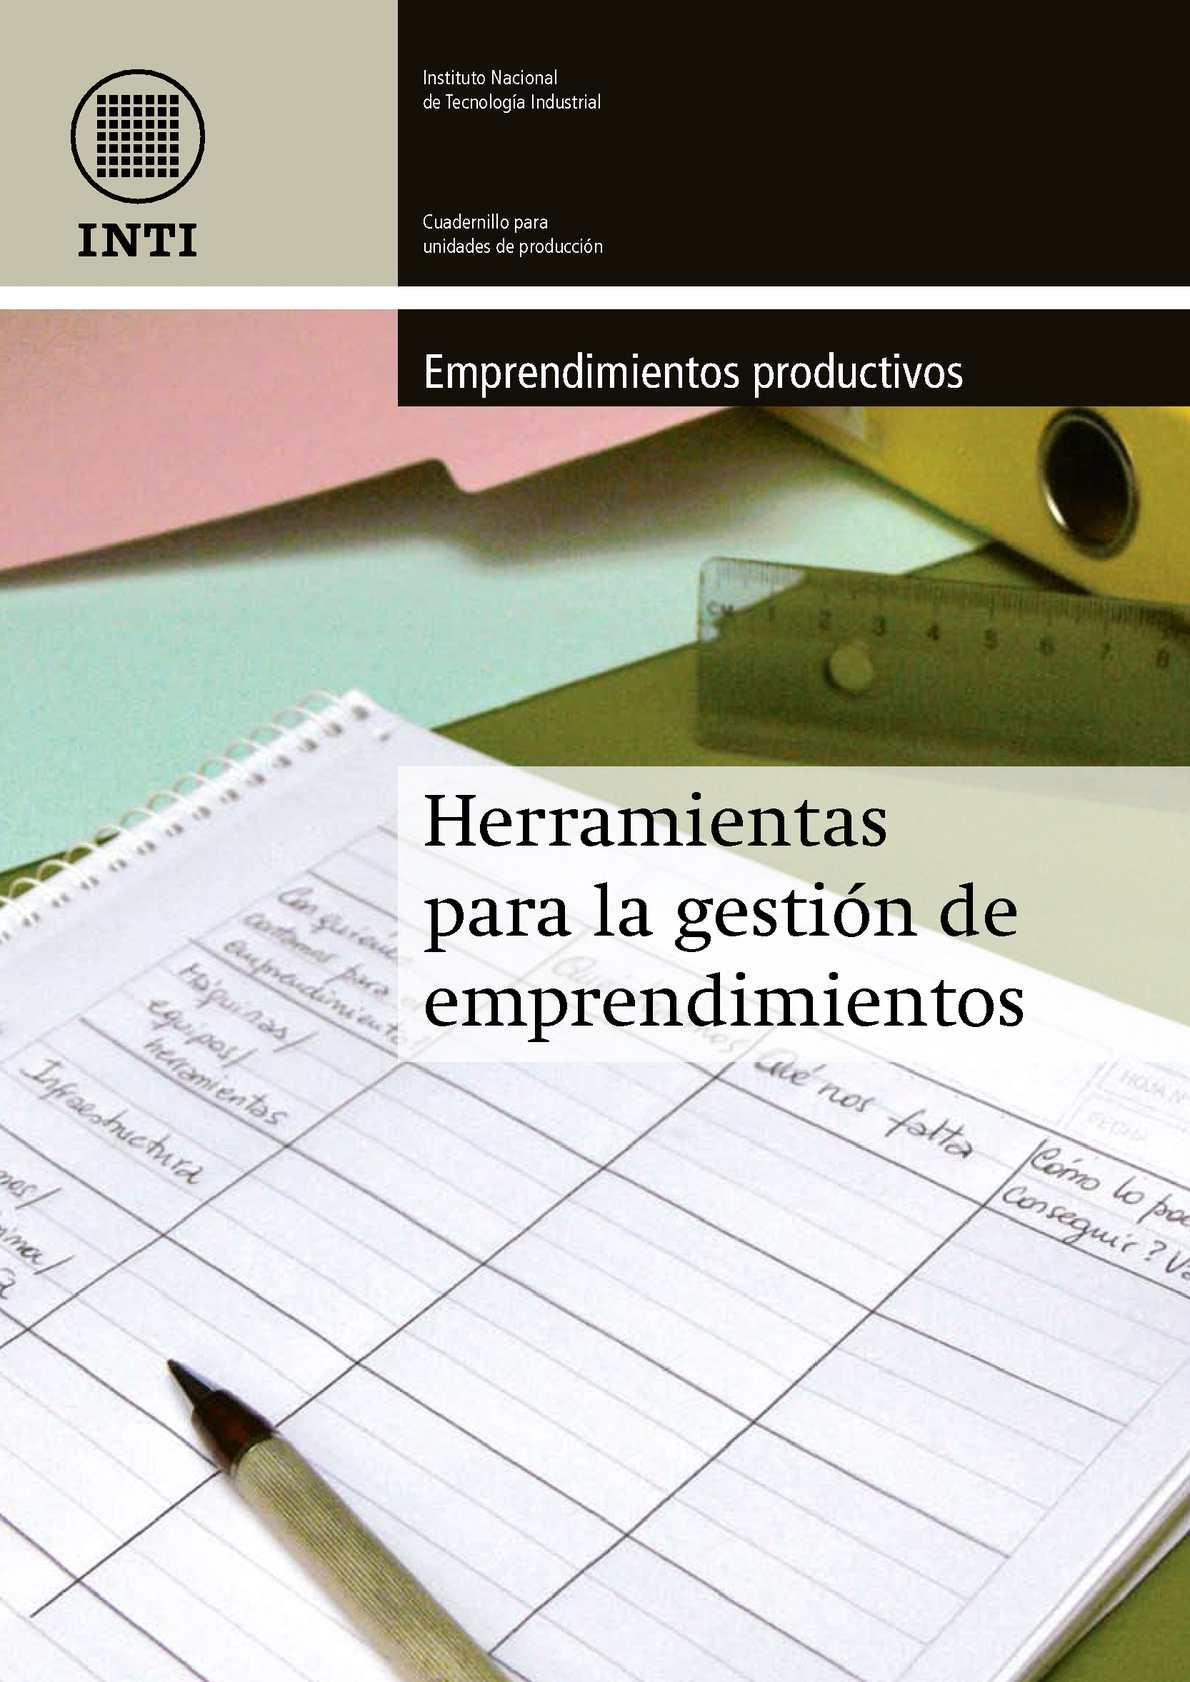 Cuadernillo de Gestión de Emprendimientos - INTA